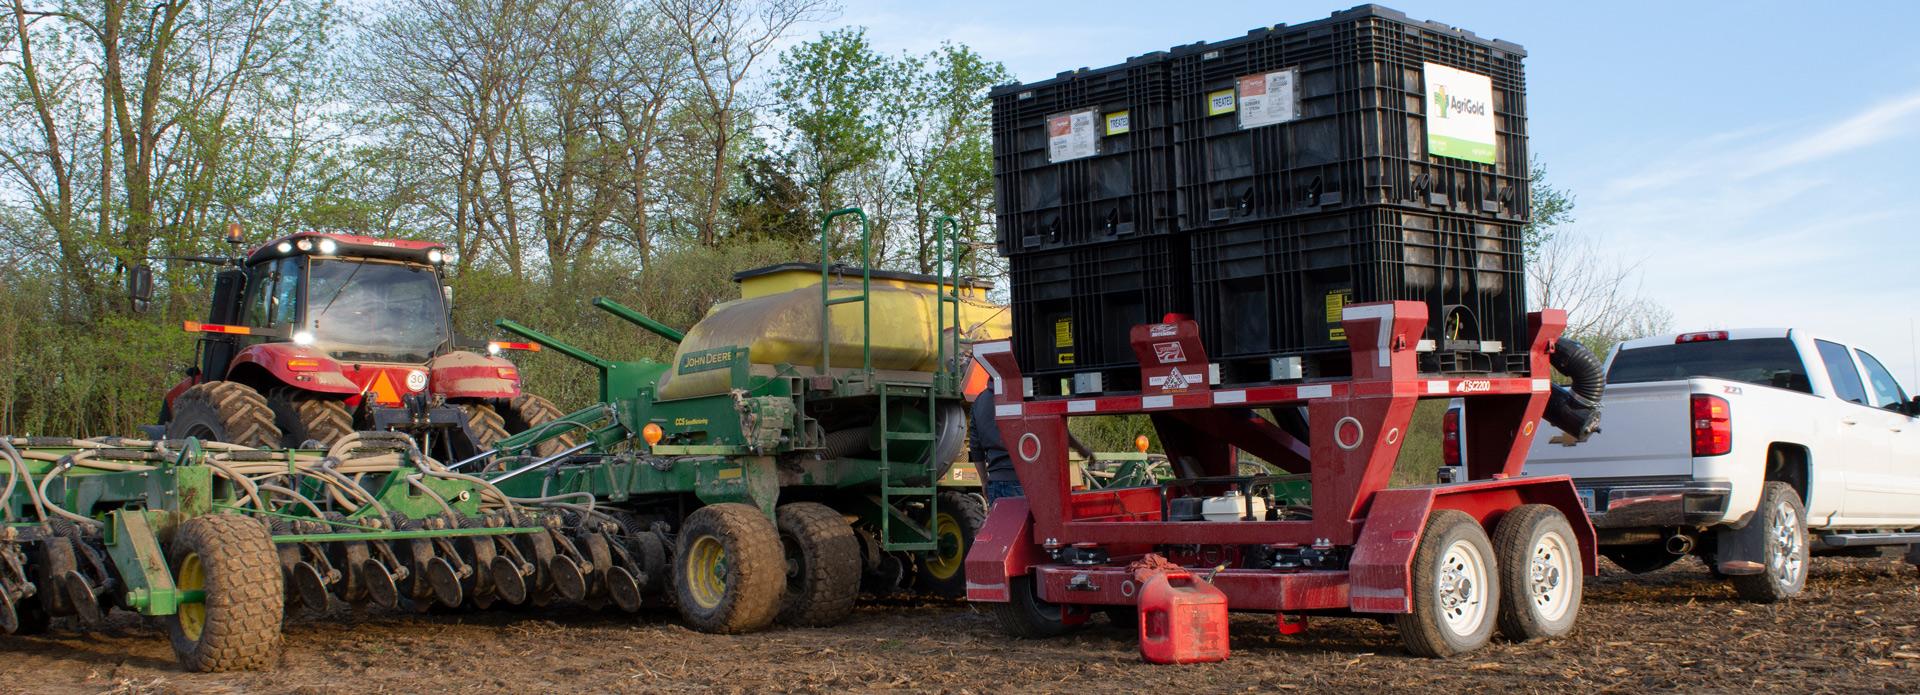 Eldon-C-Stutsman-Inc-Travis-Seed-Cart-Seed-Tender